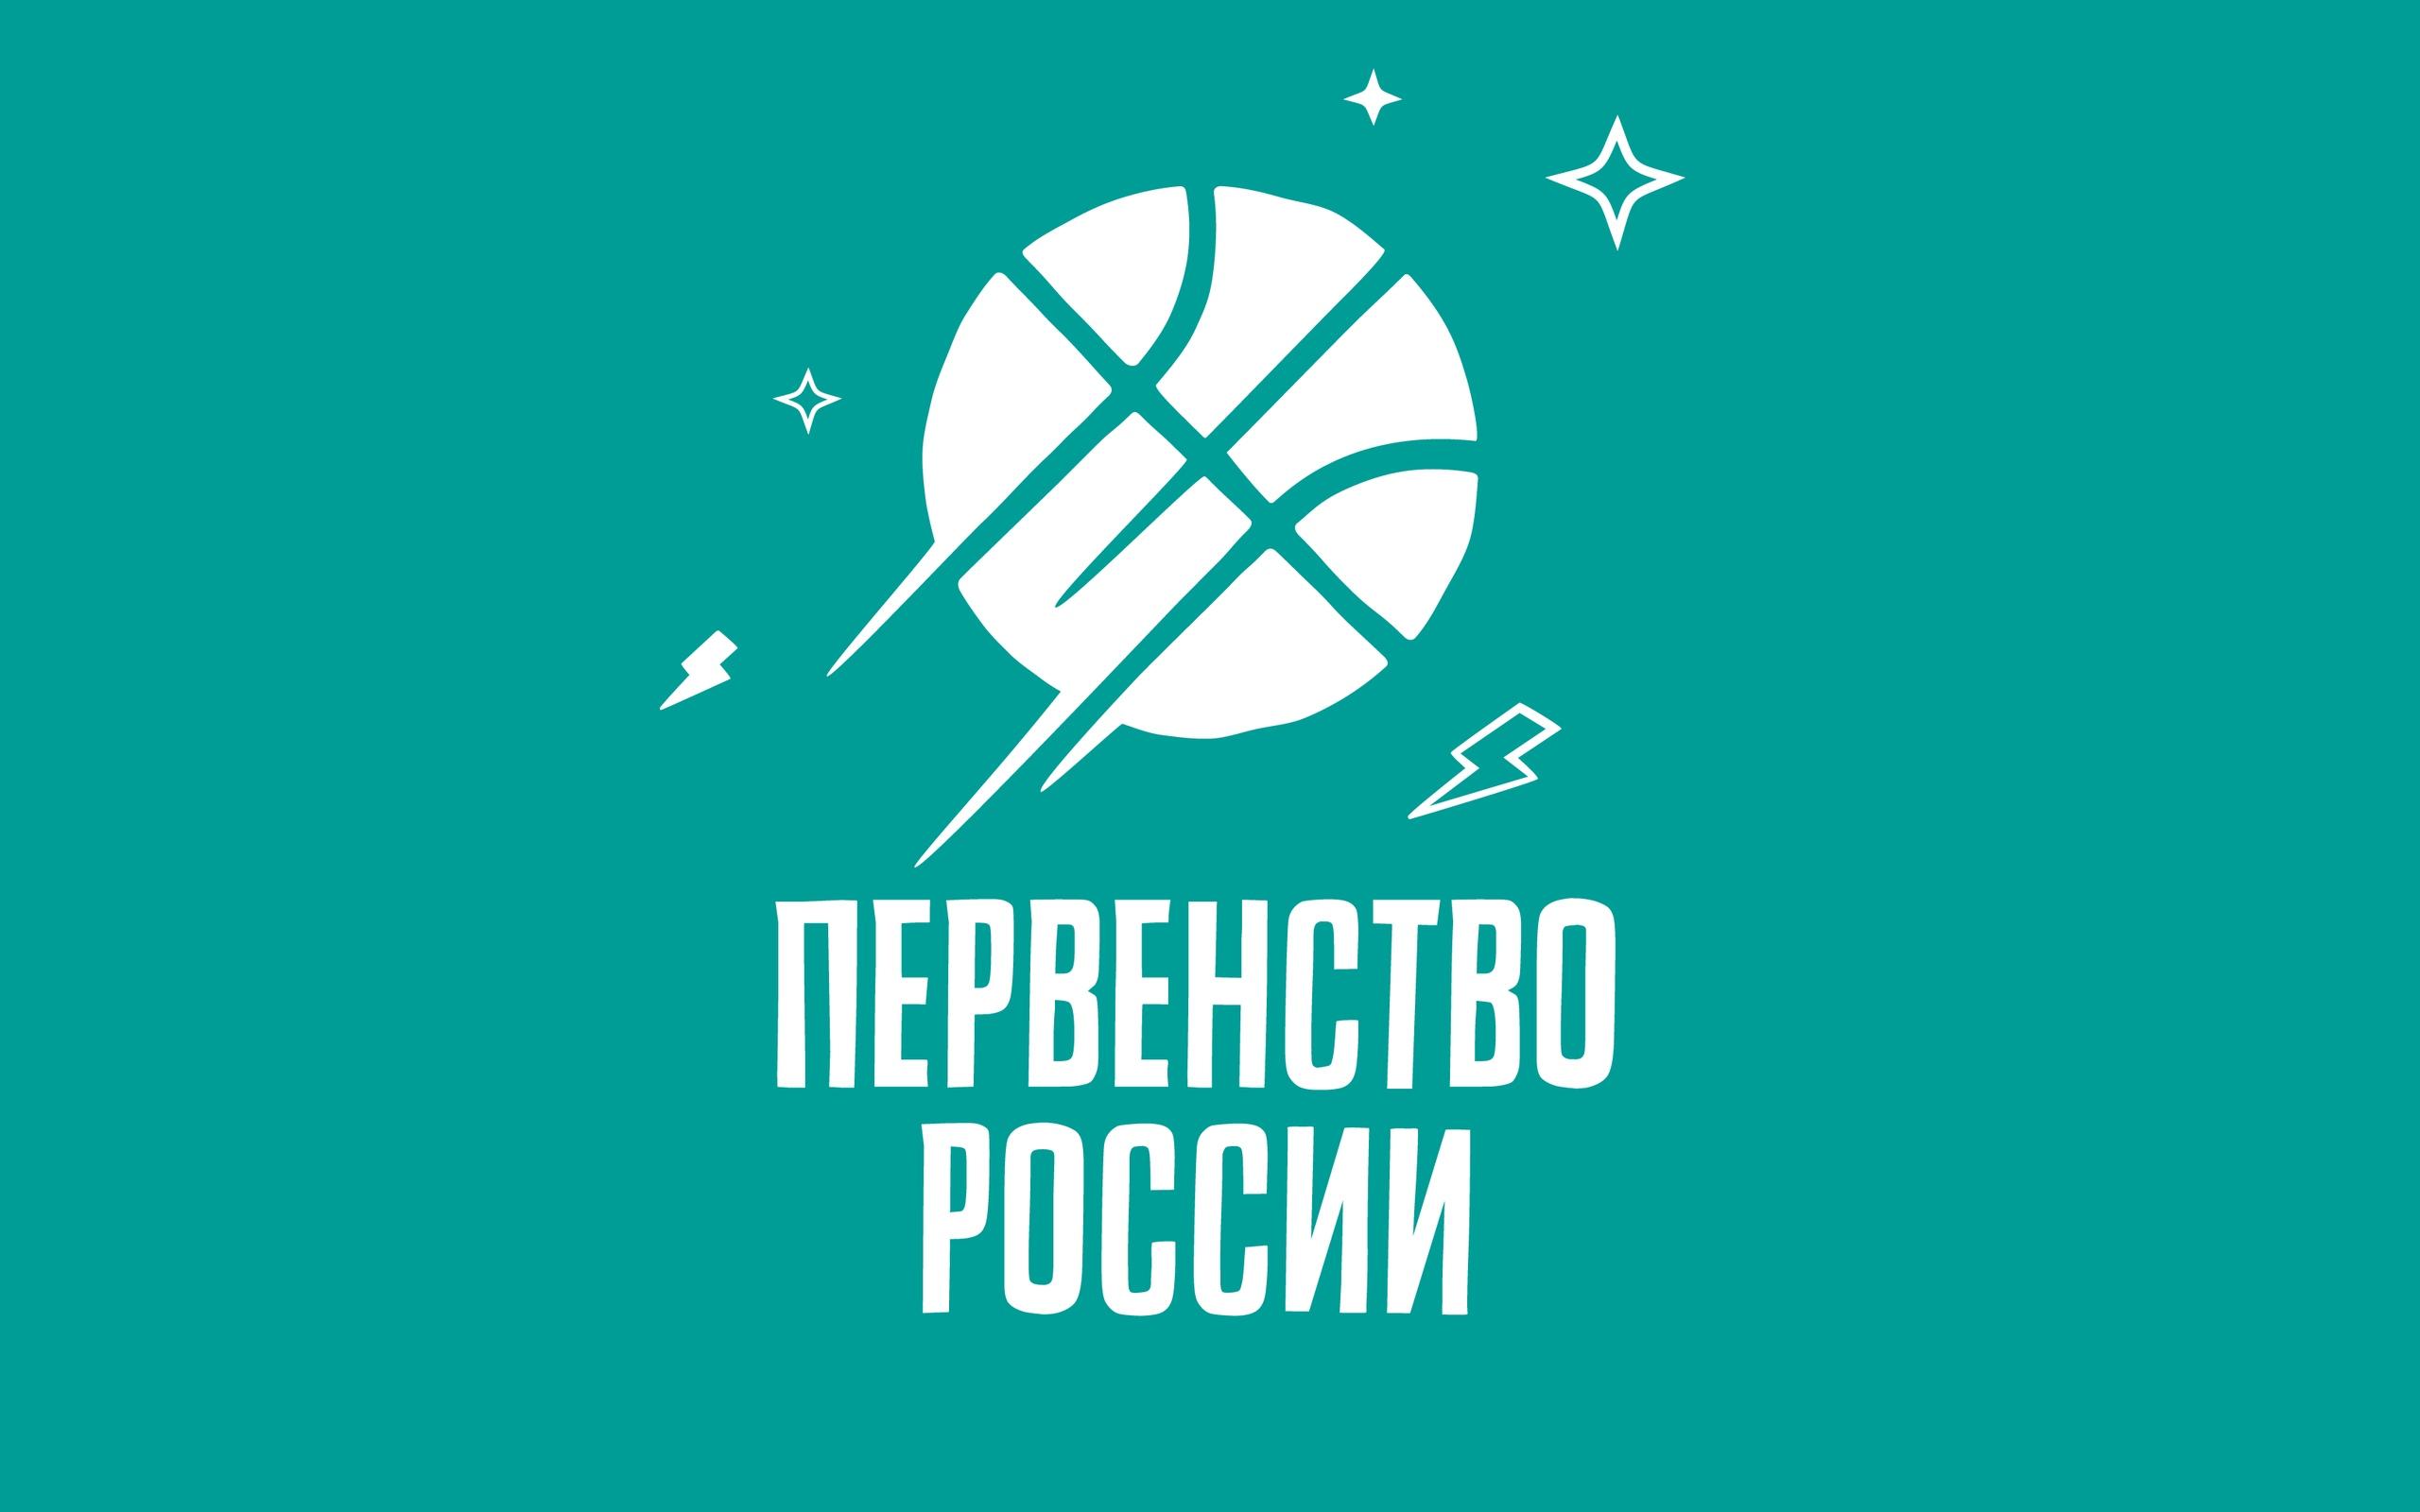 2–9 февраля в Москве пройдут игры полуфинала Первенства России среди девушек 2003 года рождения